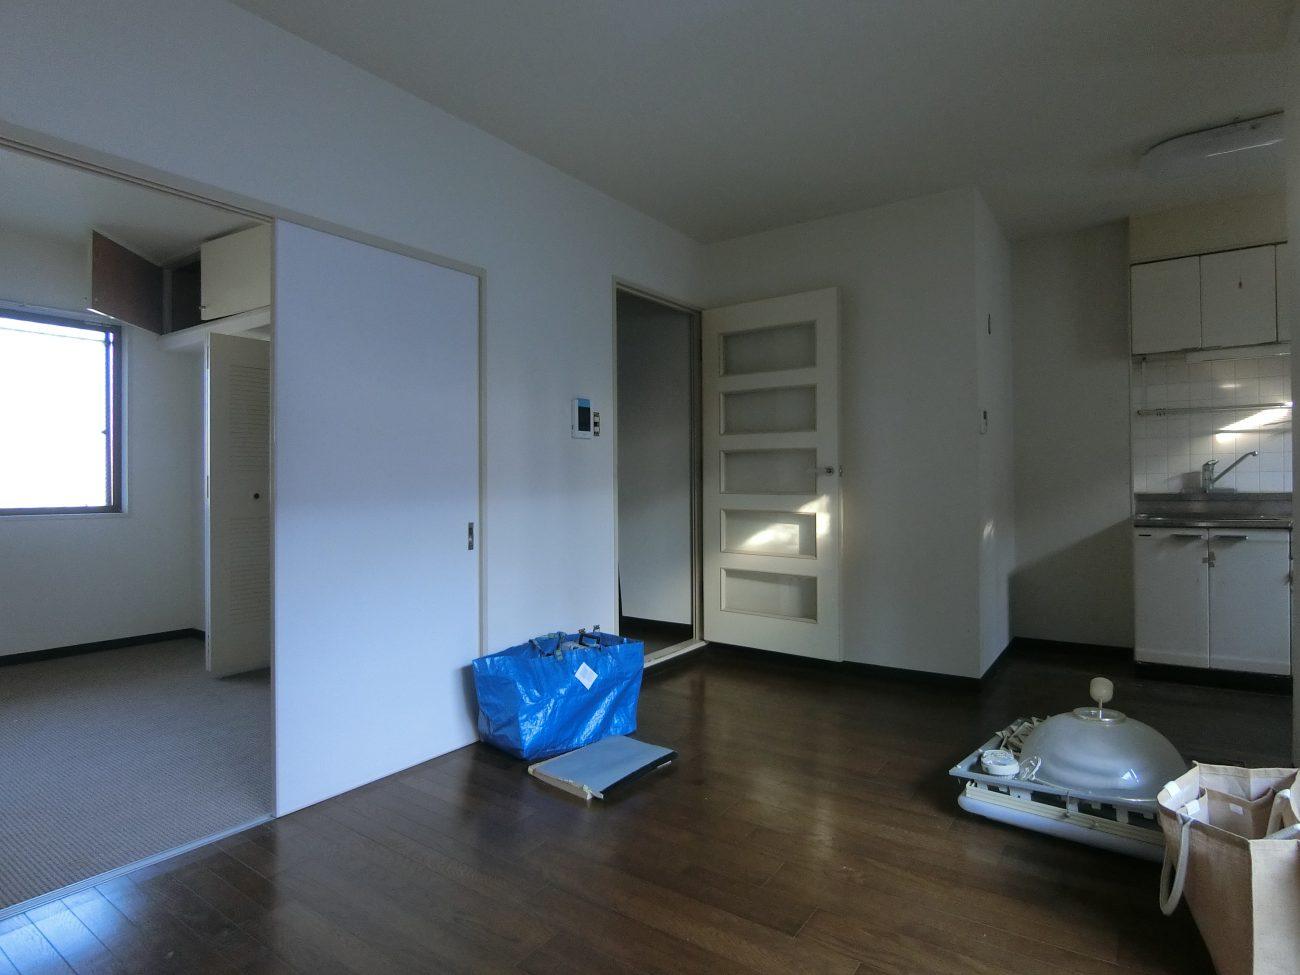 祖師ヶ谷大蔵 築28年 RC 35m2 無垢+玄関廊下タイル貼りリノベーションで工事中に満室の画像